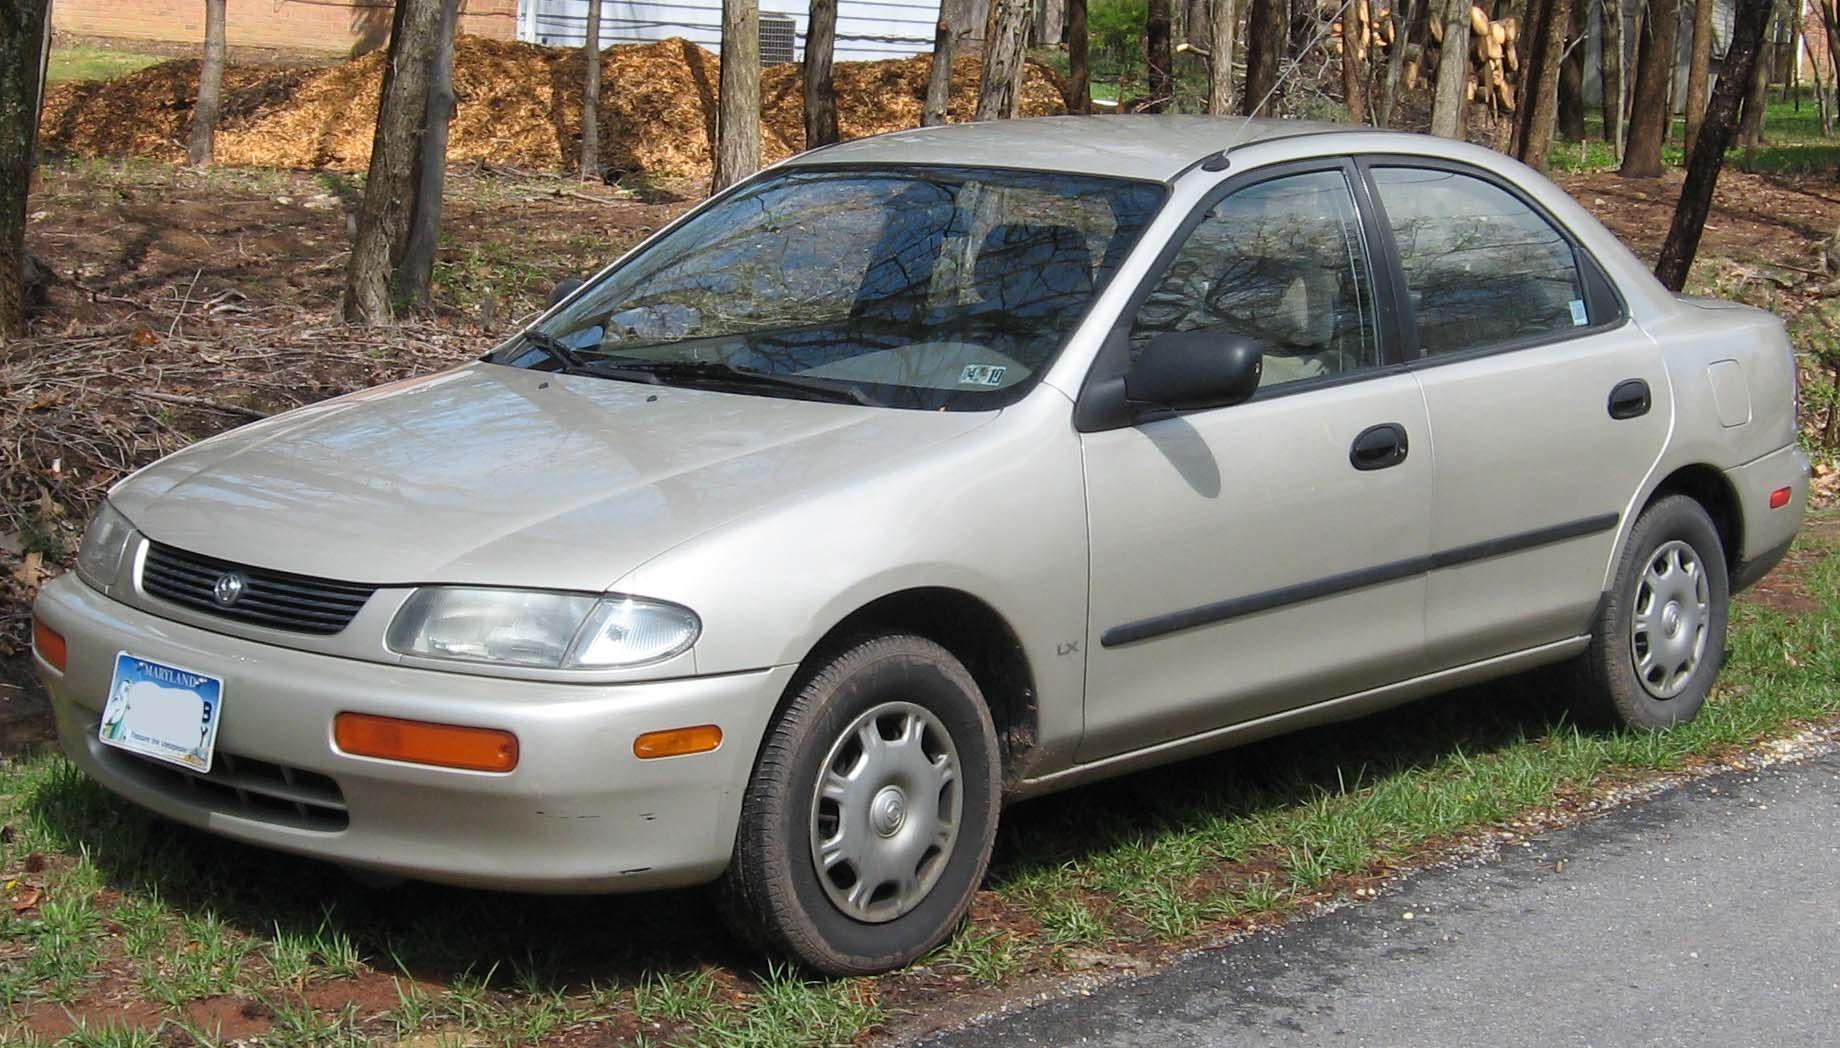 File 1995 1996 Mazda Protege Lx Jpg Mazda Protege Mazda Mazda Cars